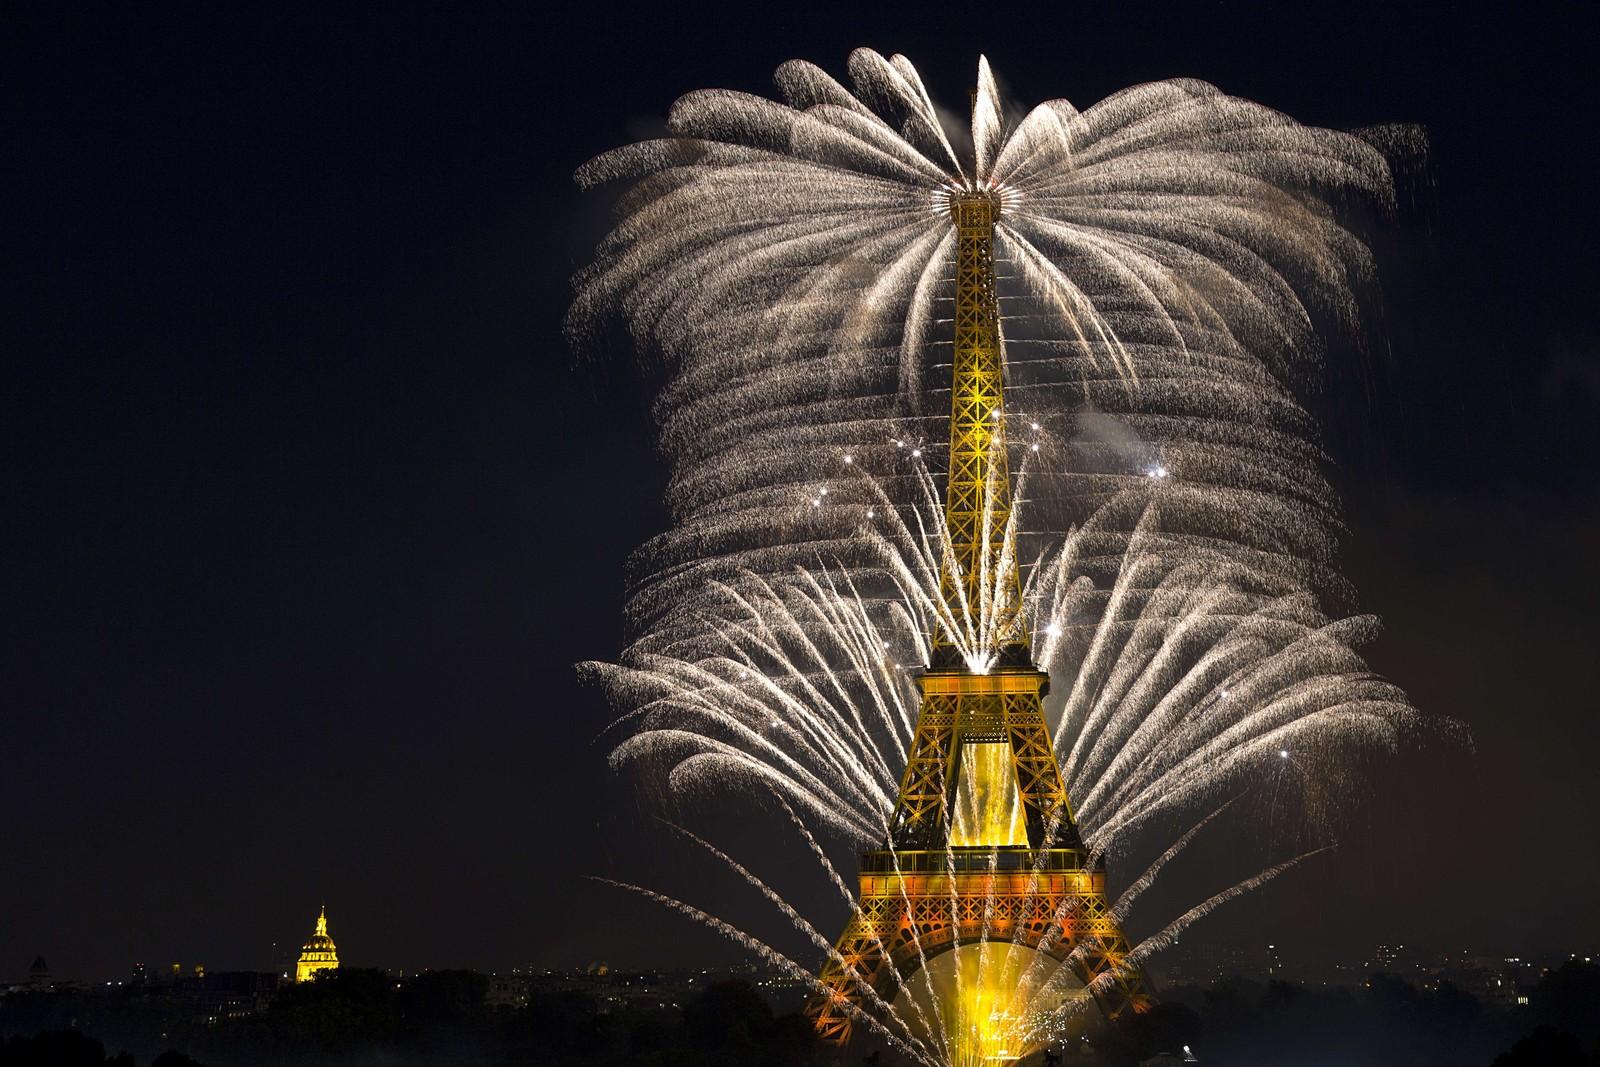 Franskmennene feiret nasjonaldagen med fyrverkeri denne uka.